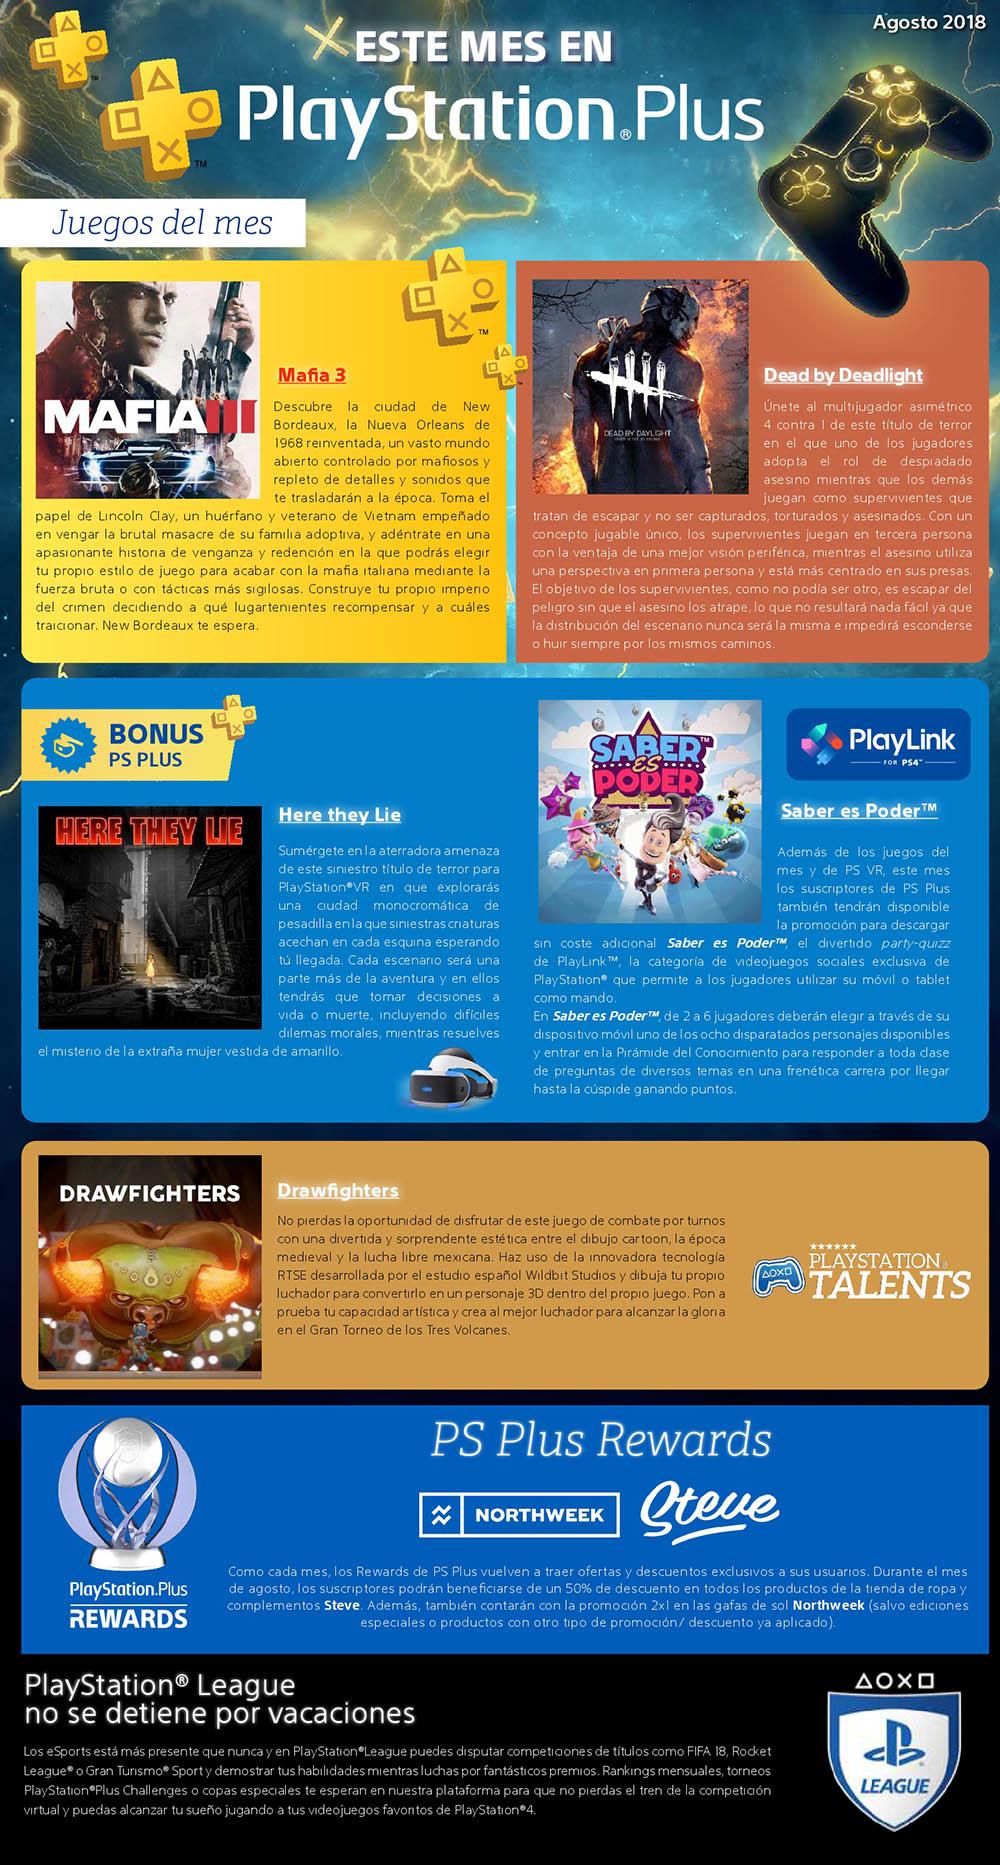 Juegos Gratis Con Tu Suscripcion Playstation Plus Agosto 2018